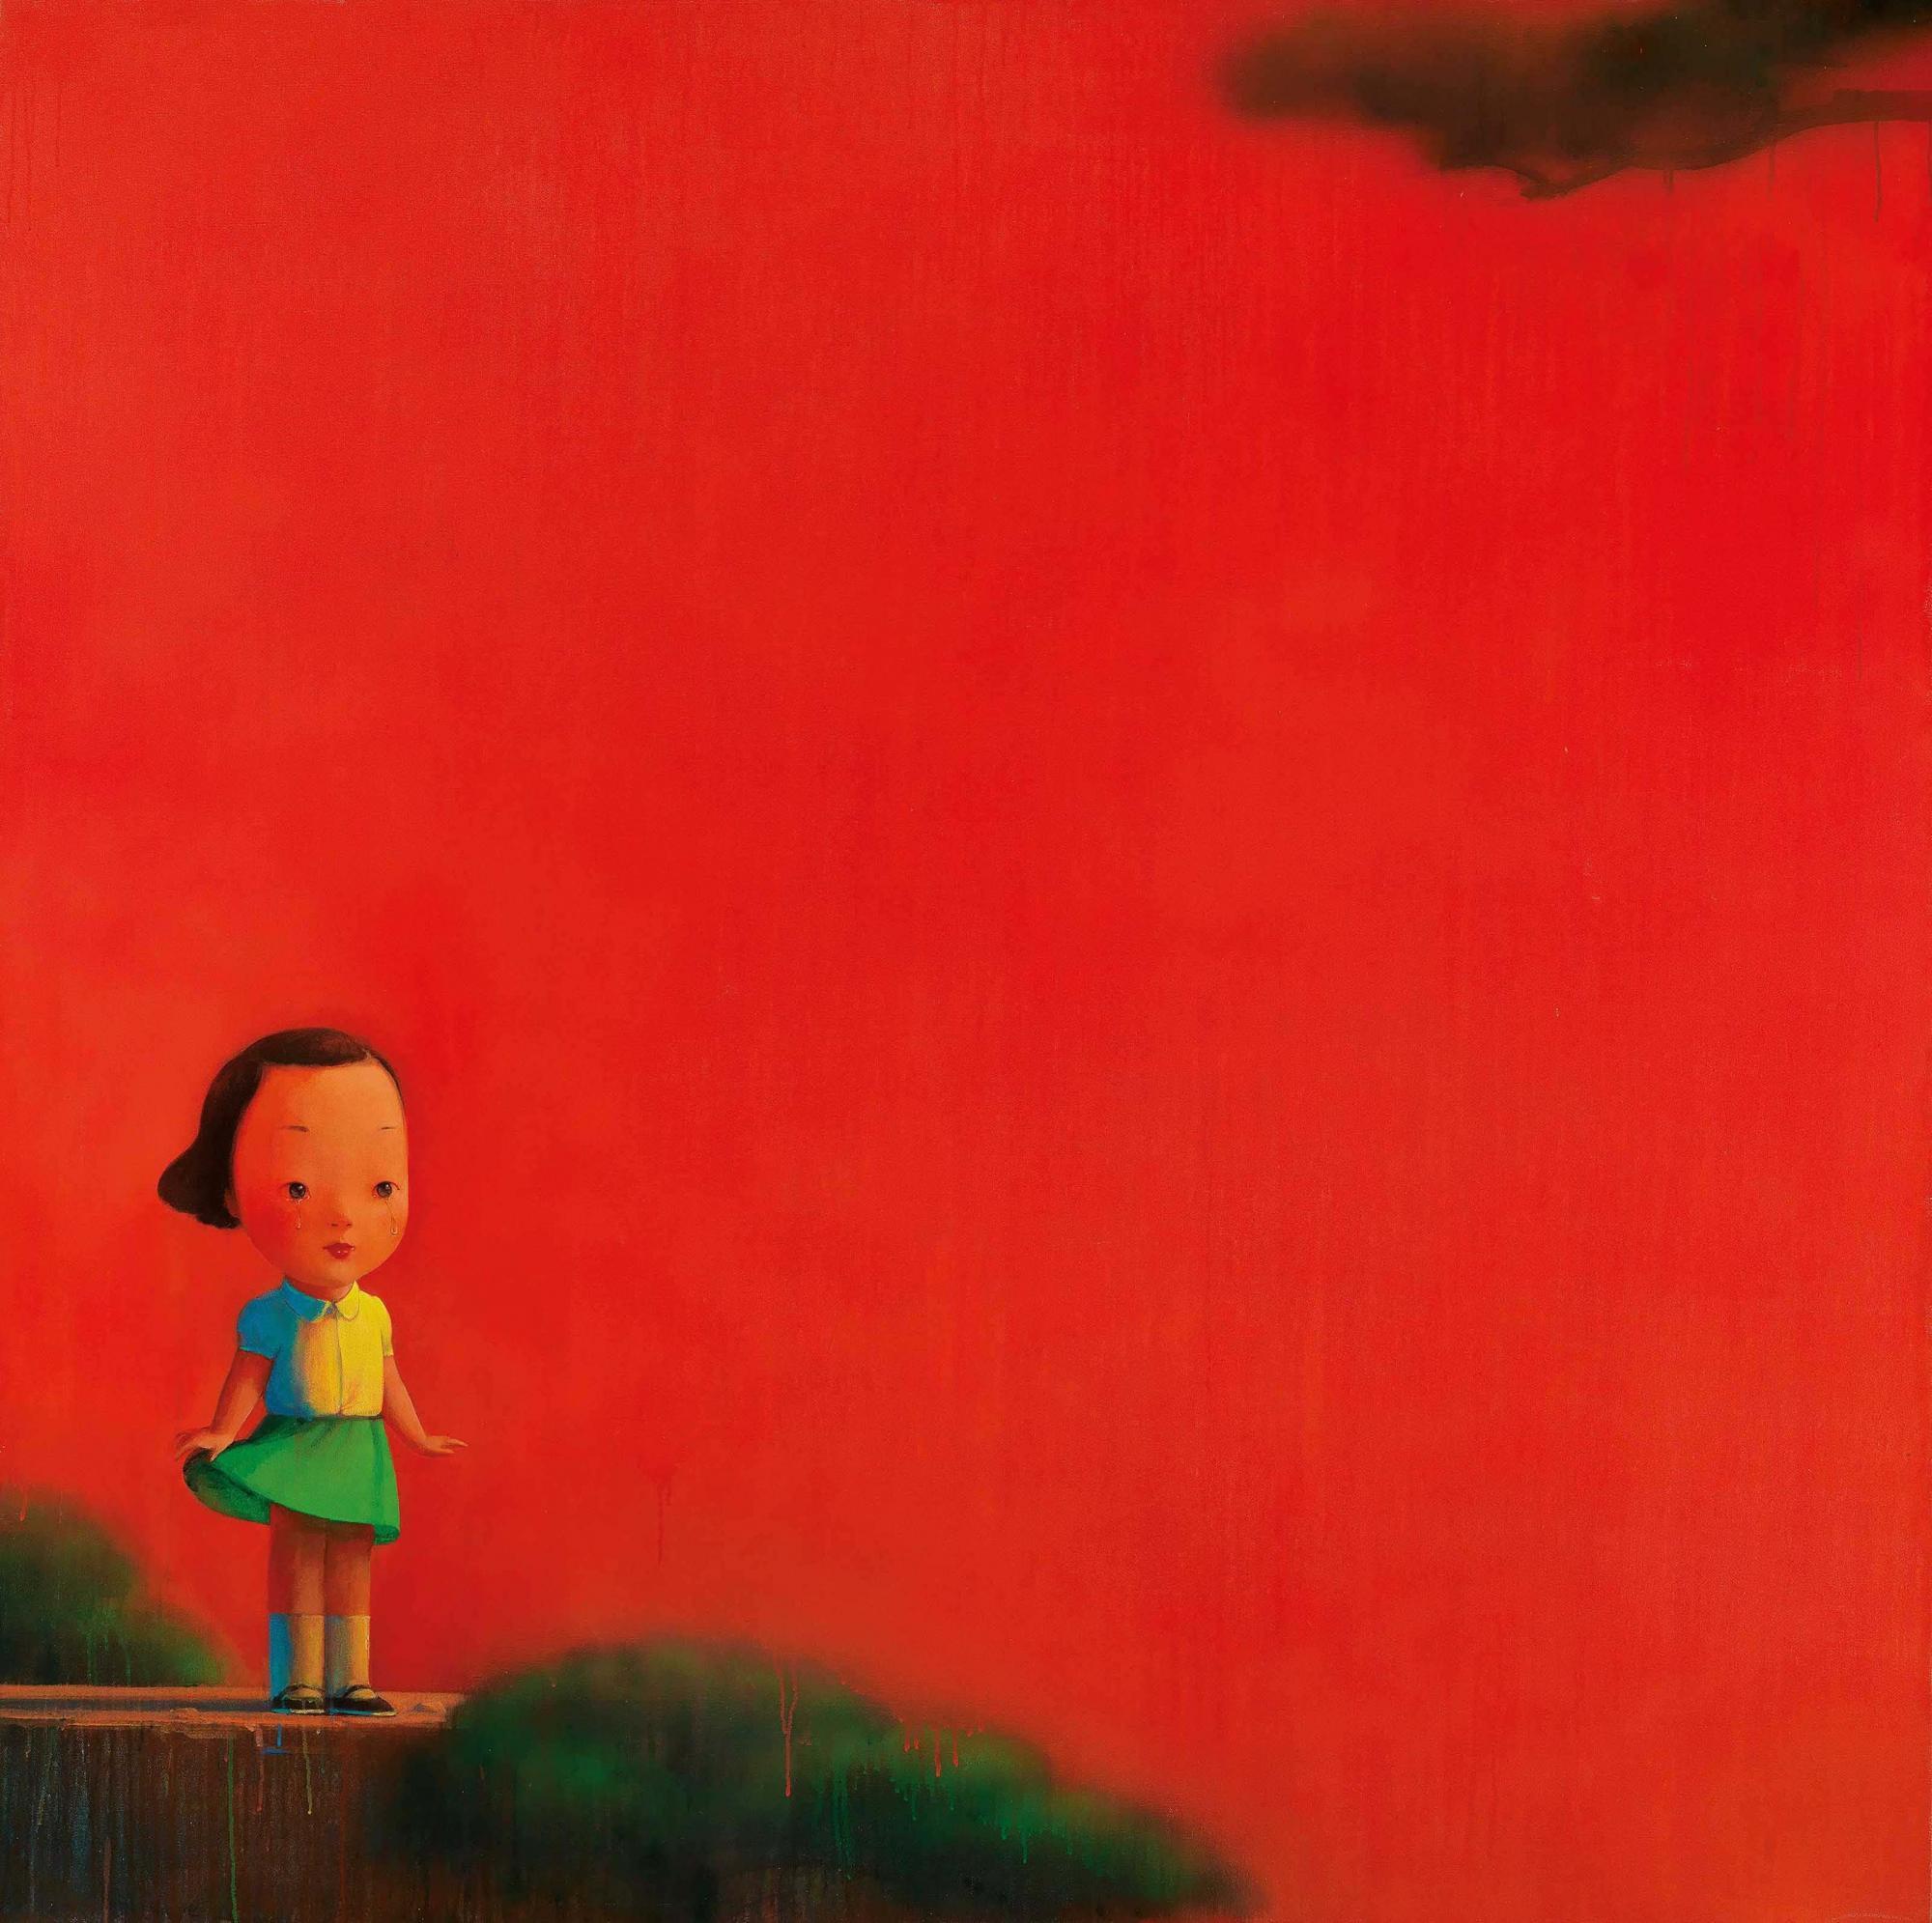 劉野(196年生 ) 《紅 2號》 壓克力 畫布 195 x 195公分 (76 3/4 x 76 3/4吋) 2003年作 港幣 12,000,000-18,000,000 / 美元 1,600,000-2,300,000